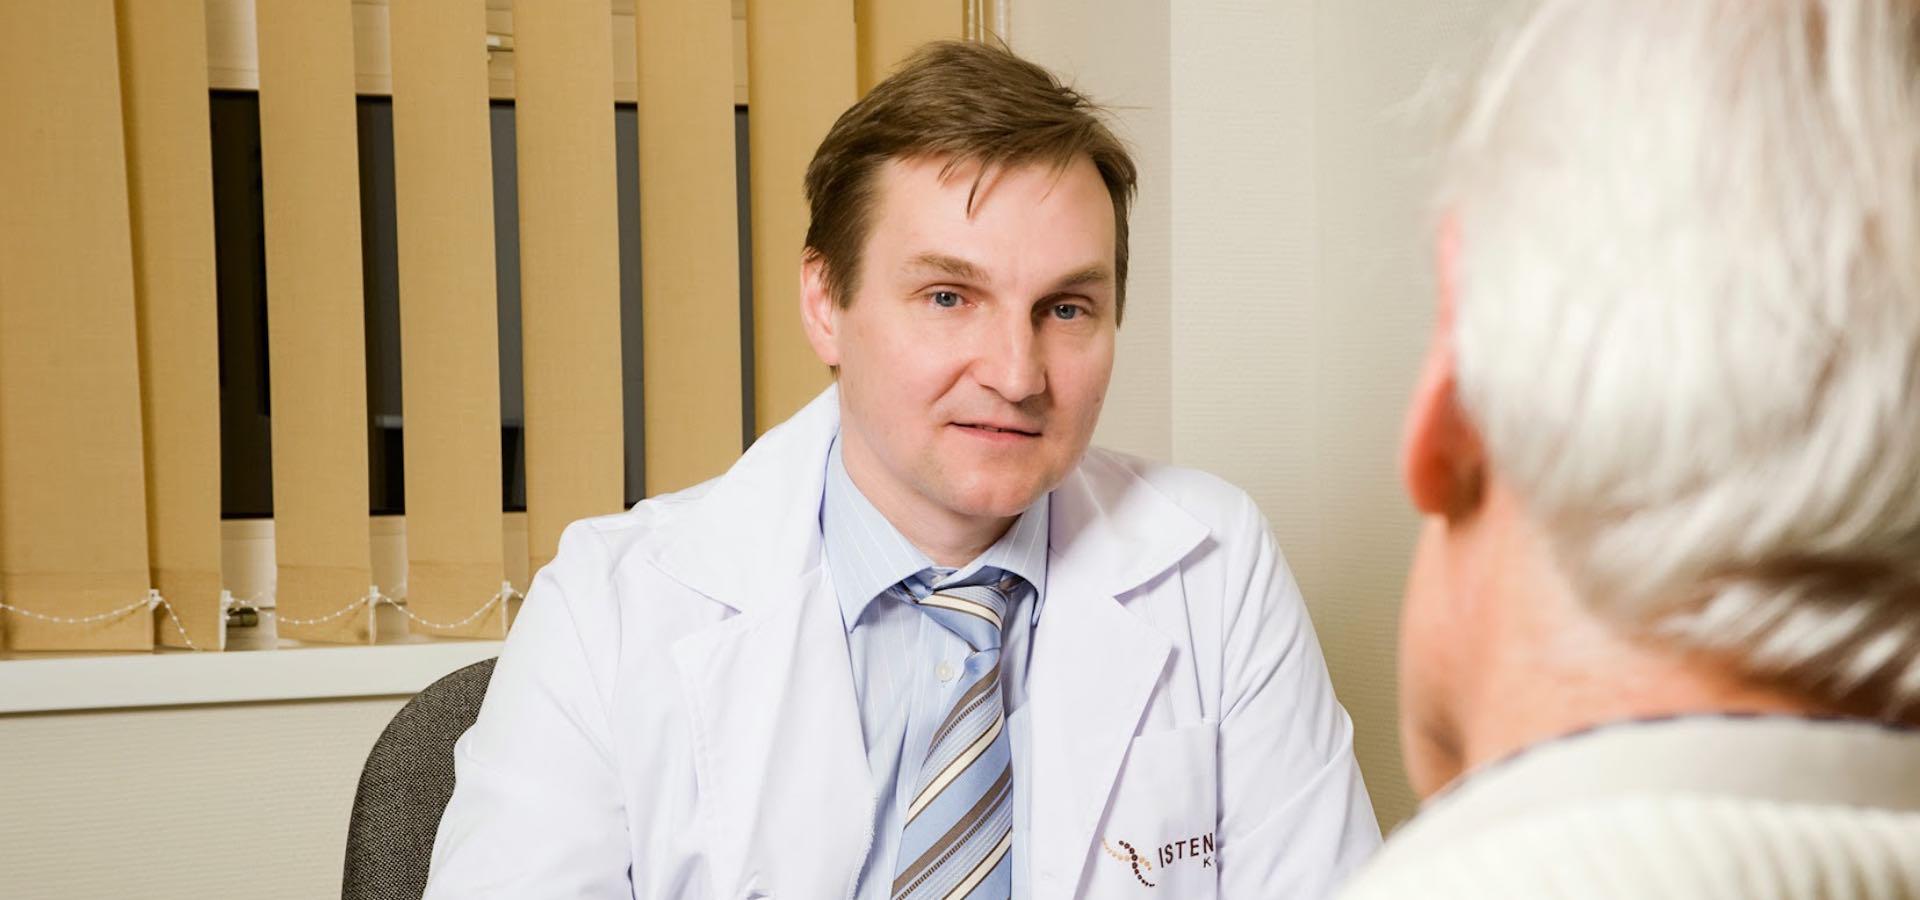 Uroonkológiai konzultáció